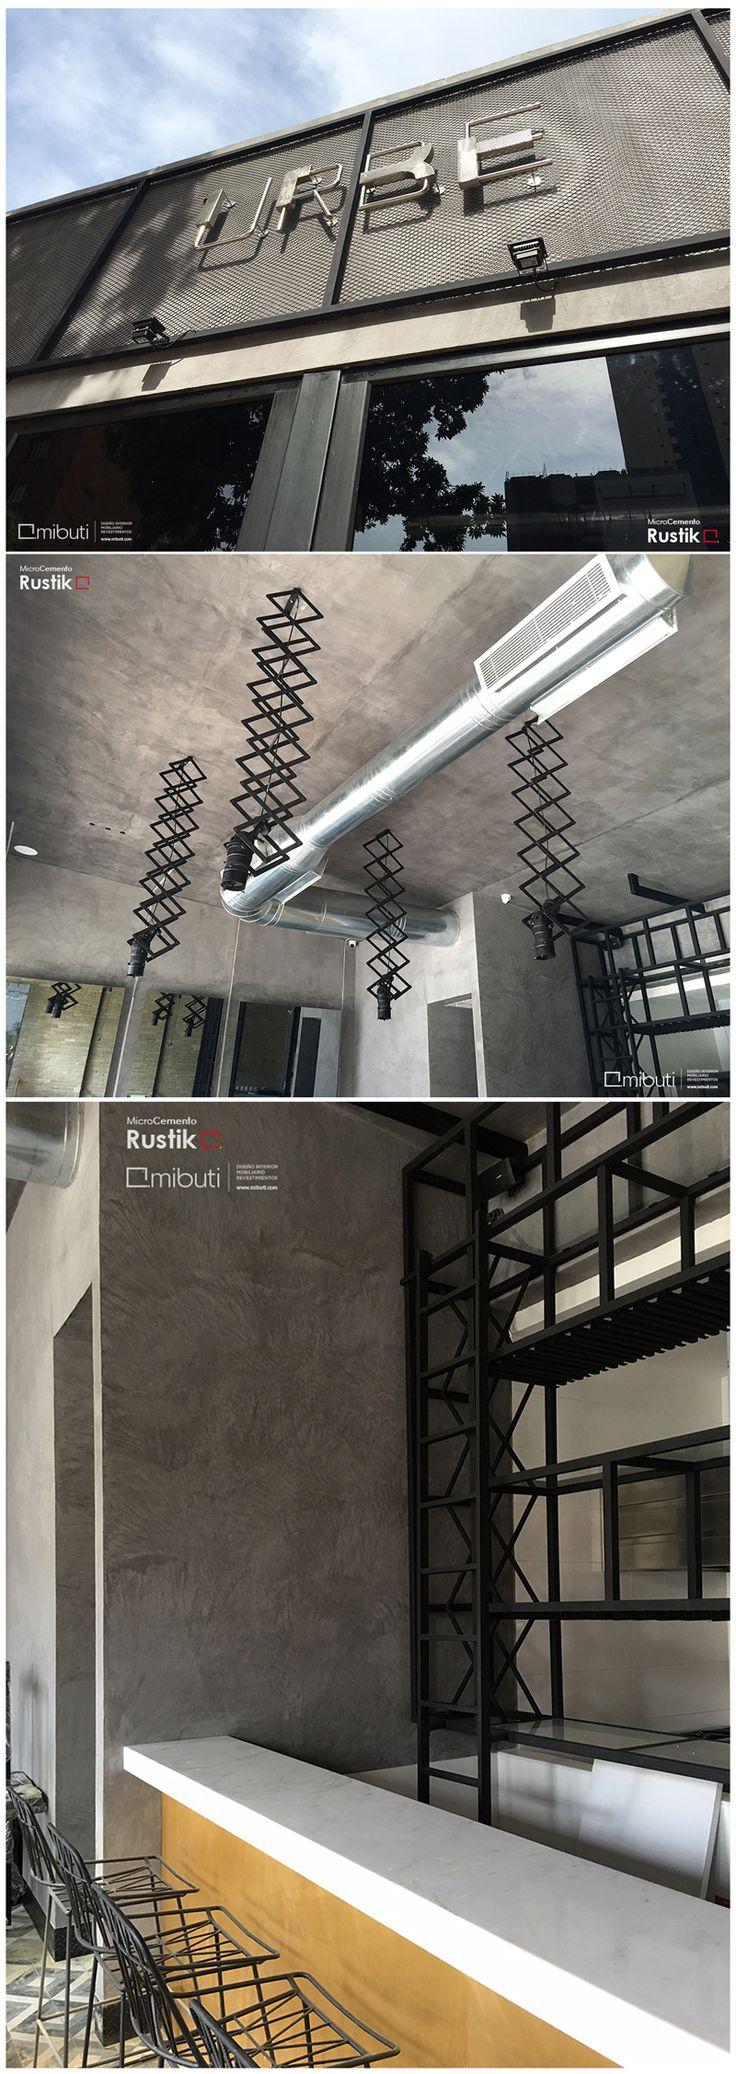 ¡Espacios con un look industrial! U R B E  #resturant #bar en #barranquilla #MicroCemento #Rustik color tempestad #fachada #techos #paredes #revestimientos #interiorismo #diseñointerior #espacios #pared #revestimiento #industrial #Mibuti